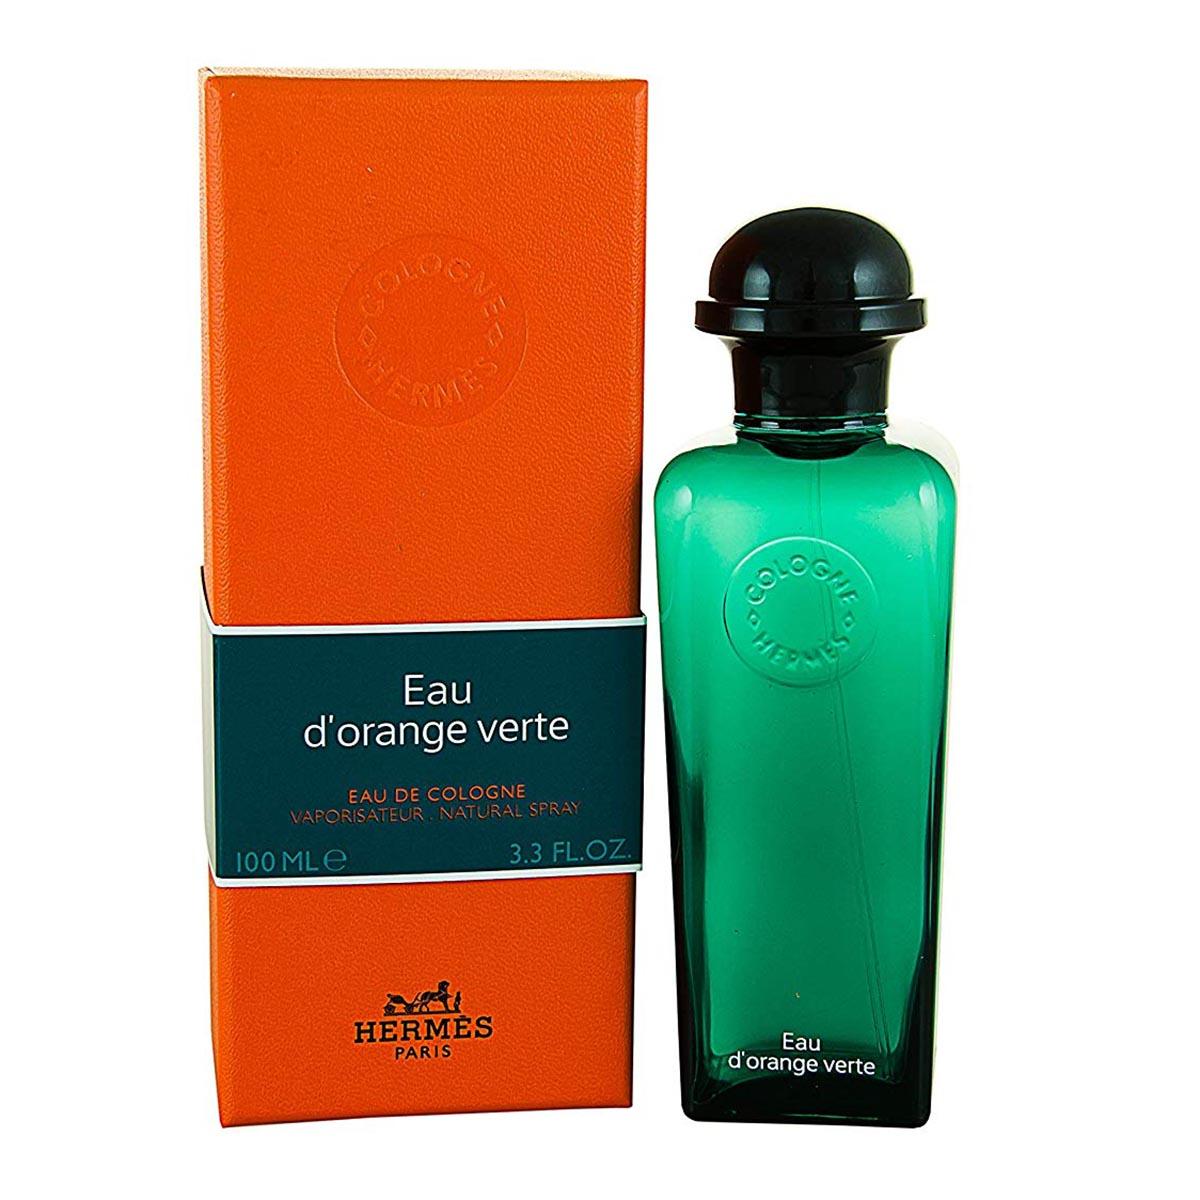 Hermes eau d orange verte eau de cologne 100ml vaporizador